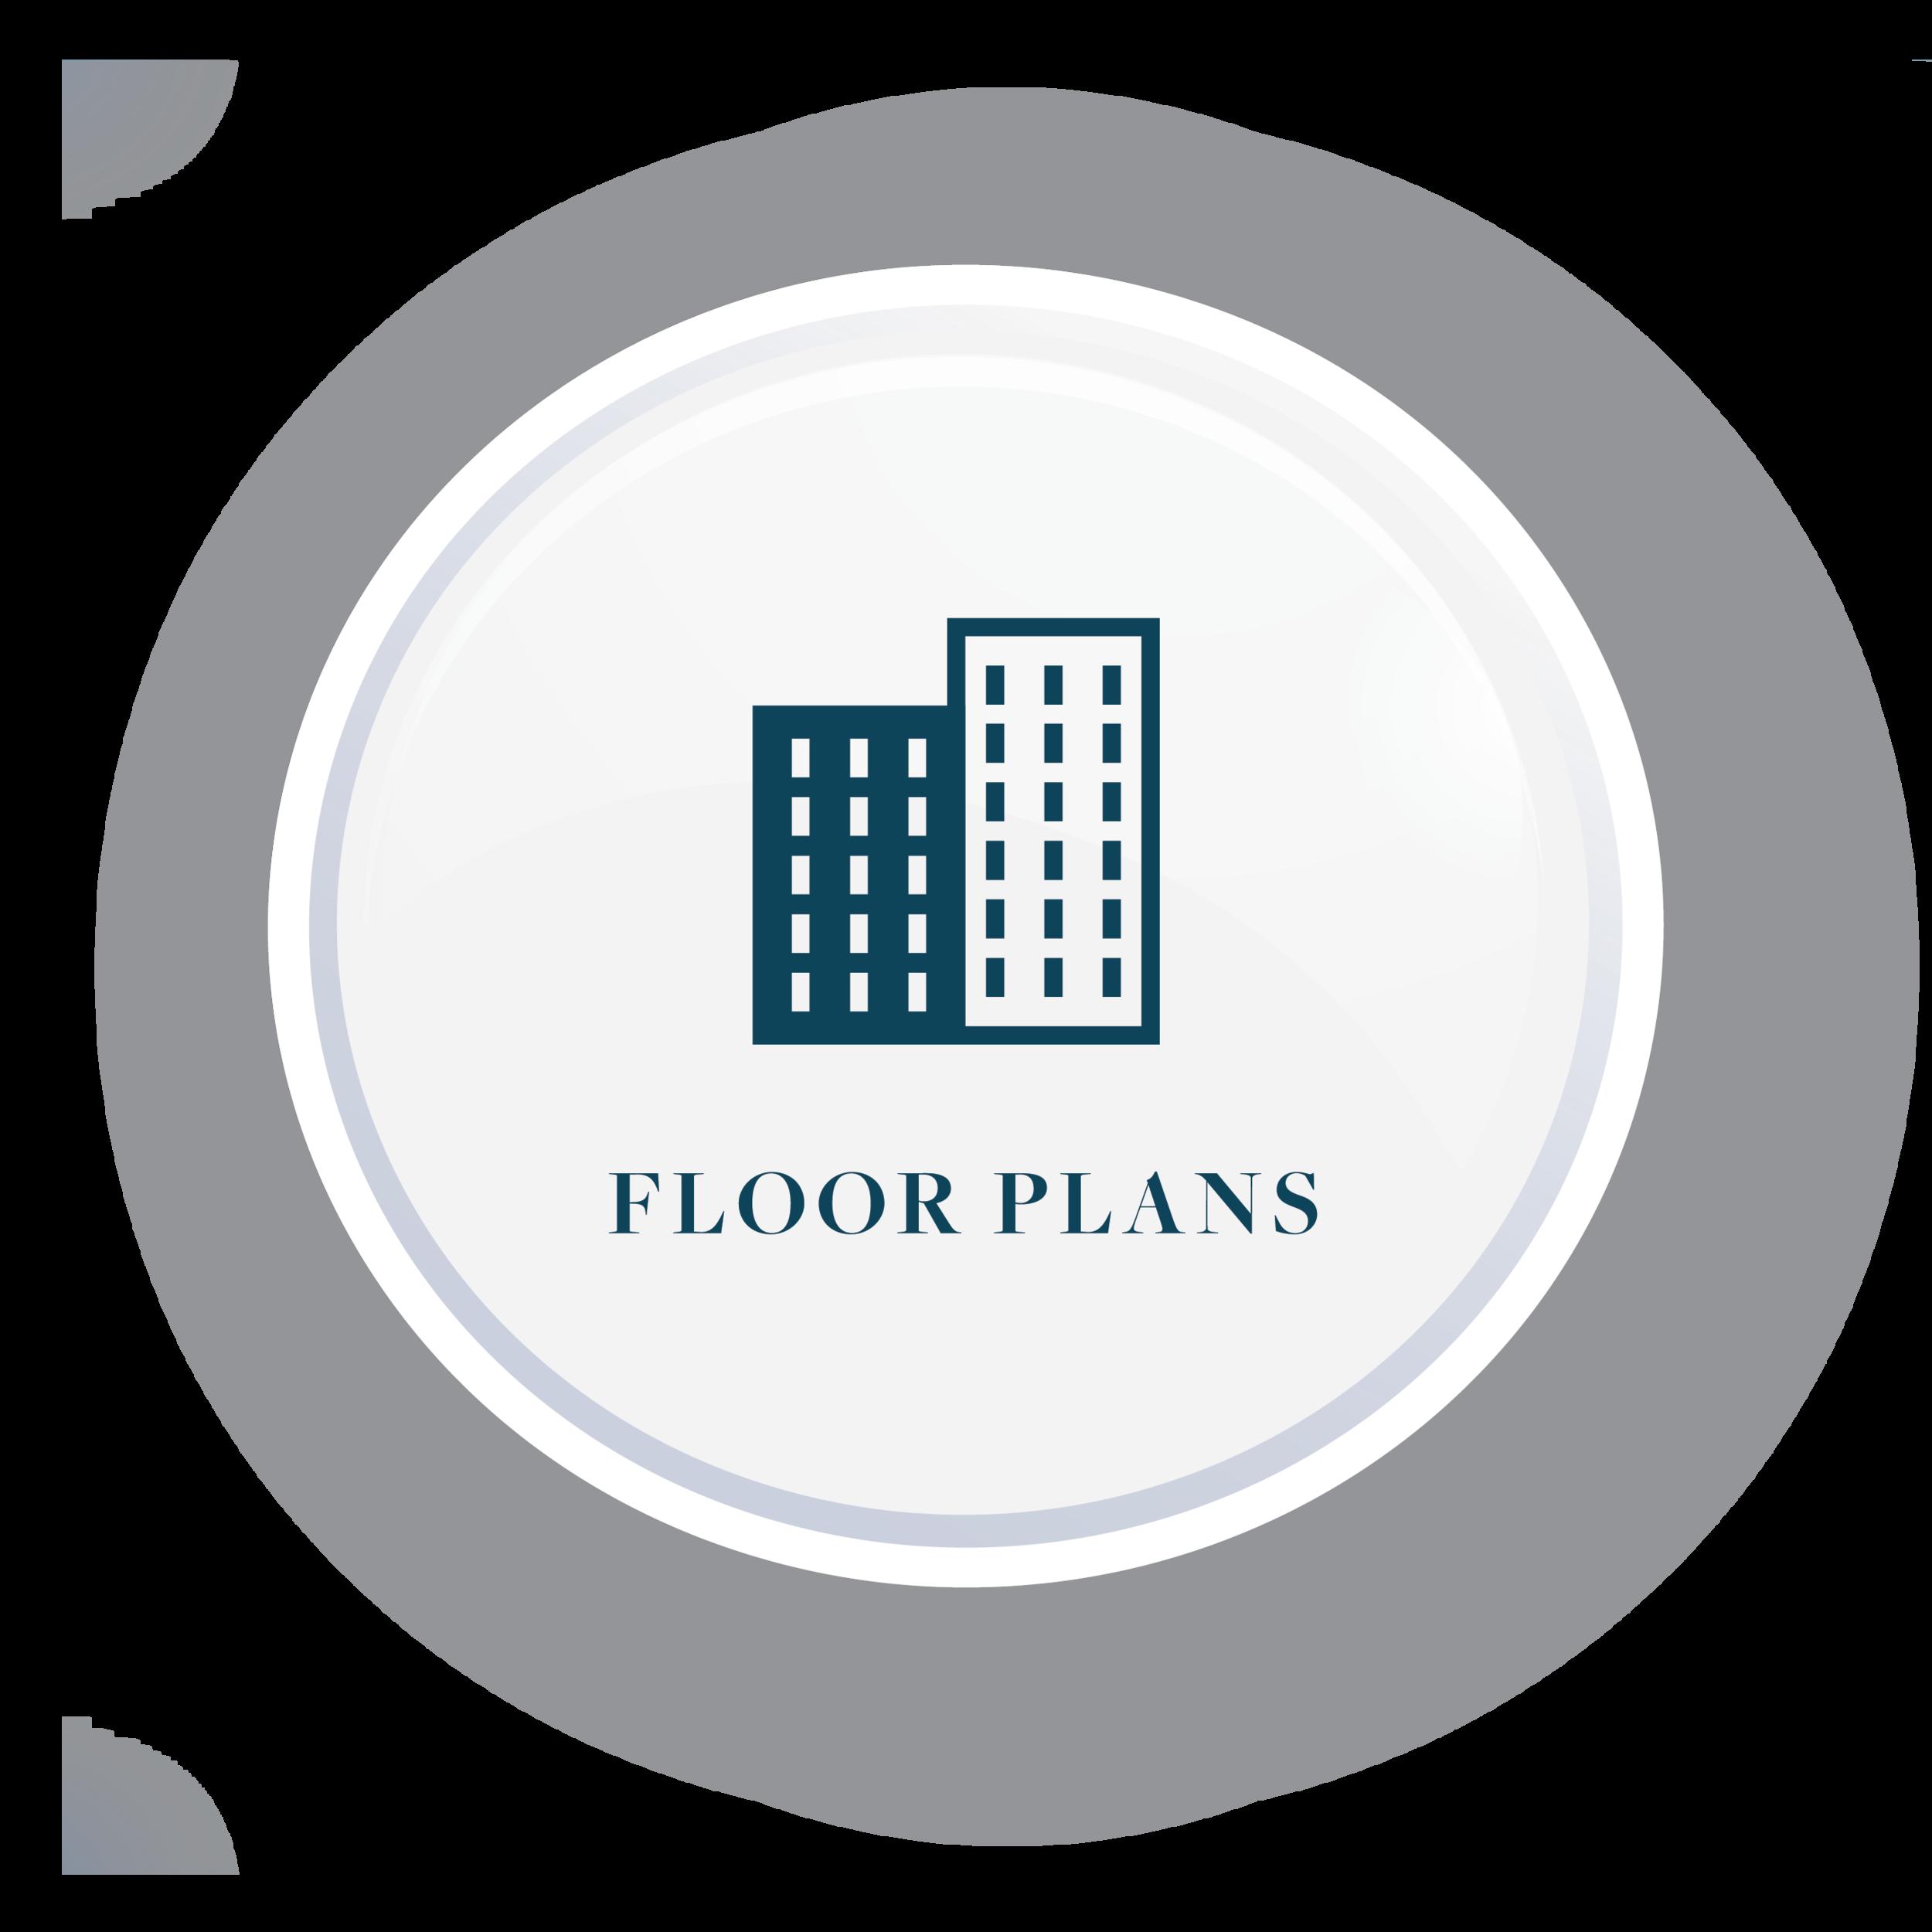 The_Tyrwhitt_Button_FloorPlan.png